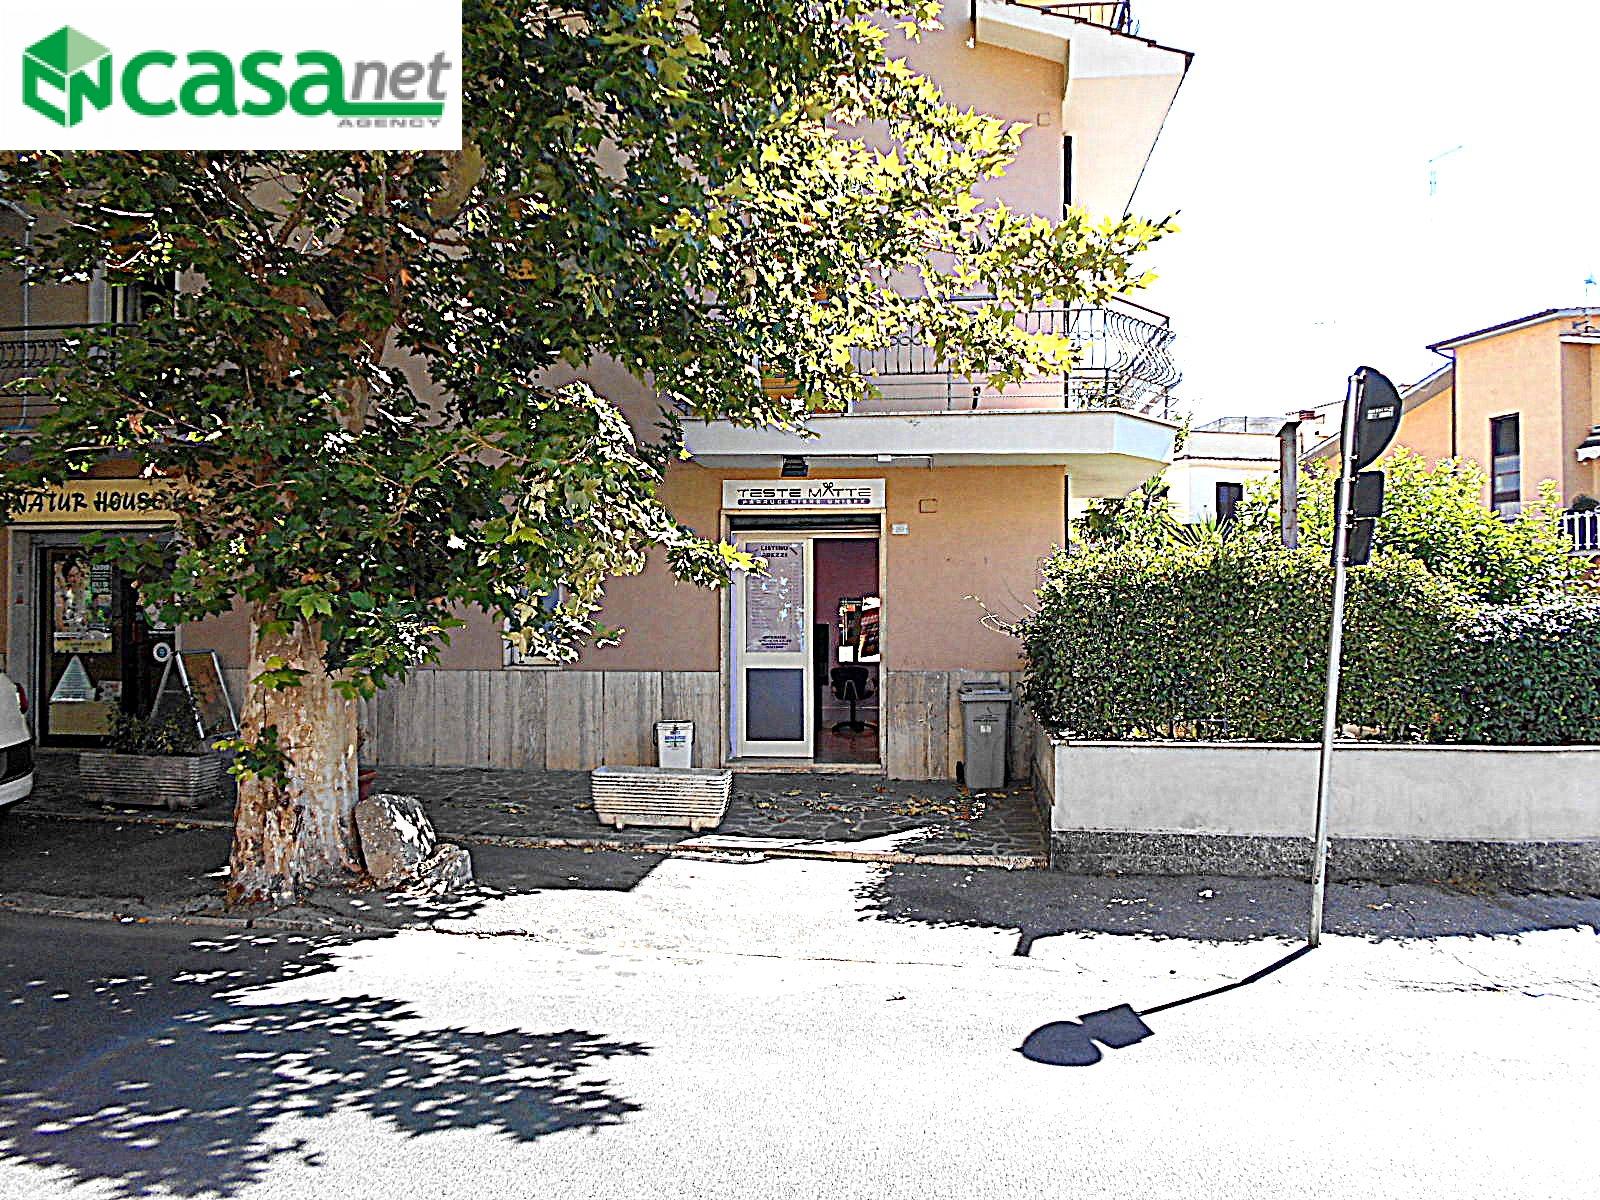 Negozio / Locale in affitto a Guidonia Montecelio, 9999 locali, zona Zona: Guidonia, prezzo € 480 | Cambio Casa.it